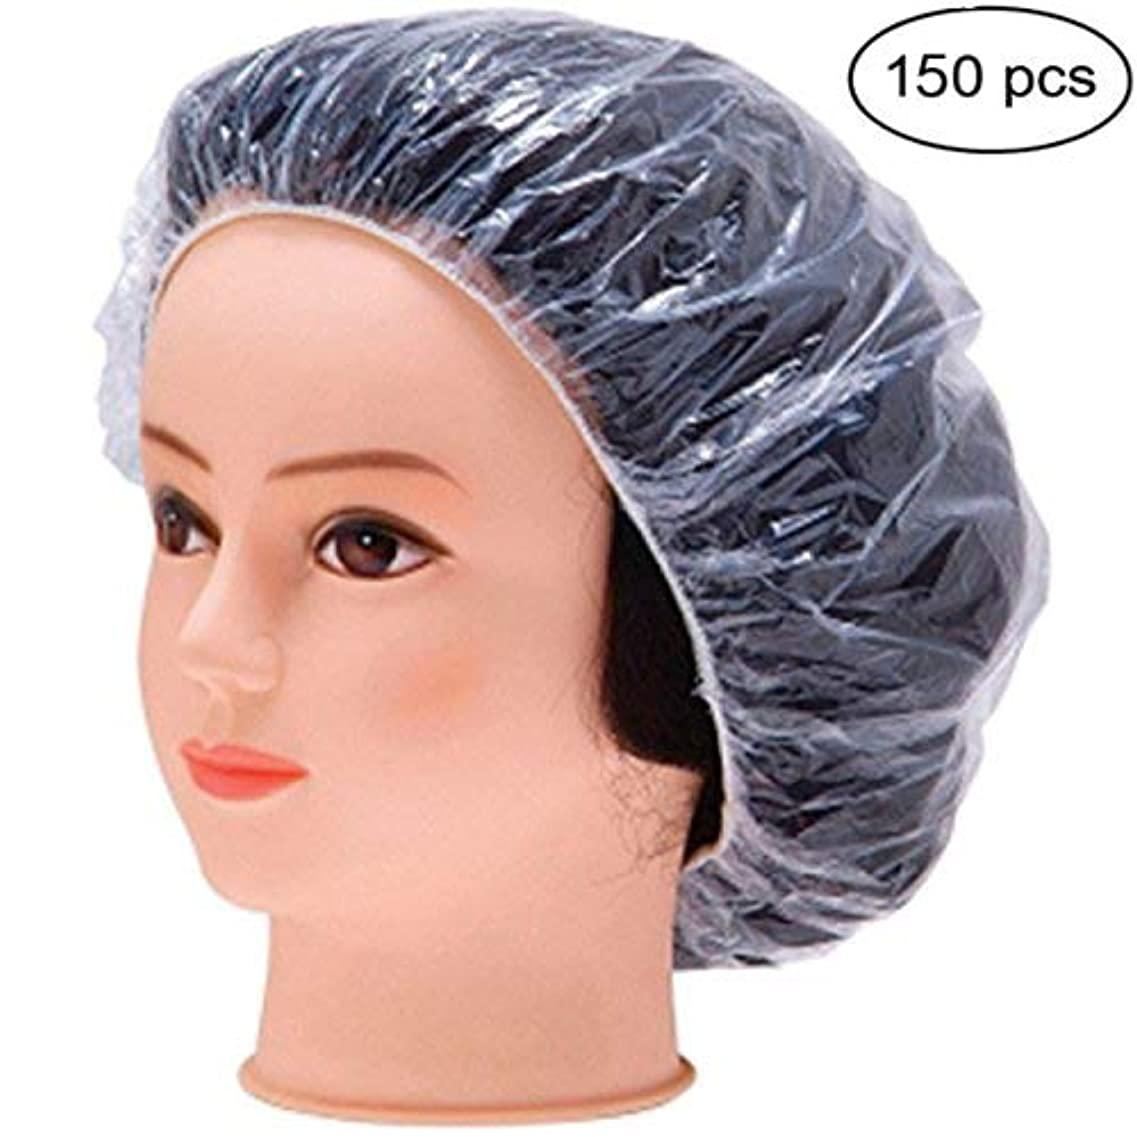 いたずらなペレットマウント使い捨て シャワーキャップ 150枚入り プロワーク ヘアキャップ 防水透明プラスチック製シャワーキャップ 、弾性の水浴帽子、加工帽子、女性の美容帽ダストハットスパ、ヘアサロン、ホームユースホテル等で使用